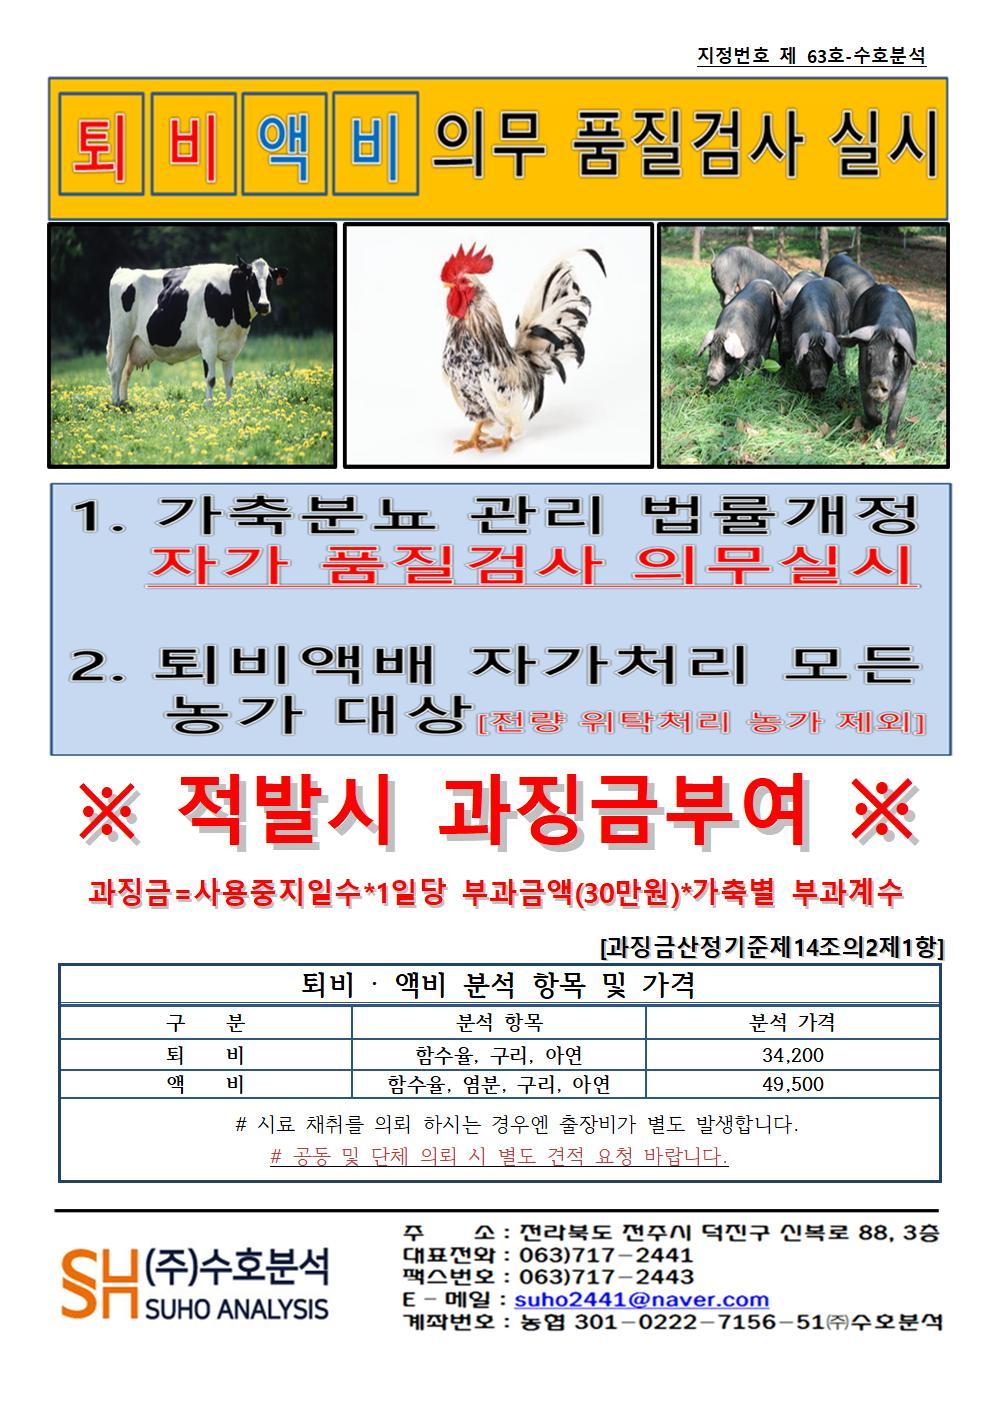 협외 홍부전단지-2018.05.21 (1)001.jpg